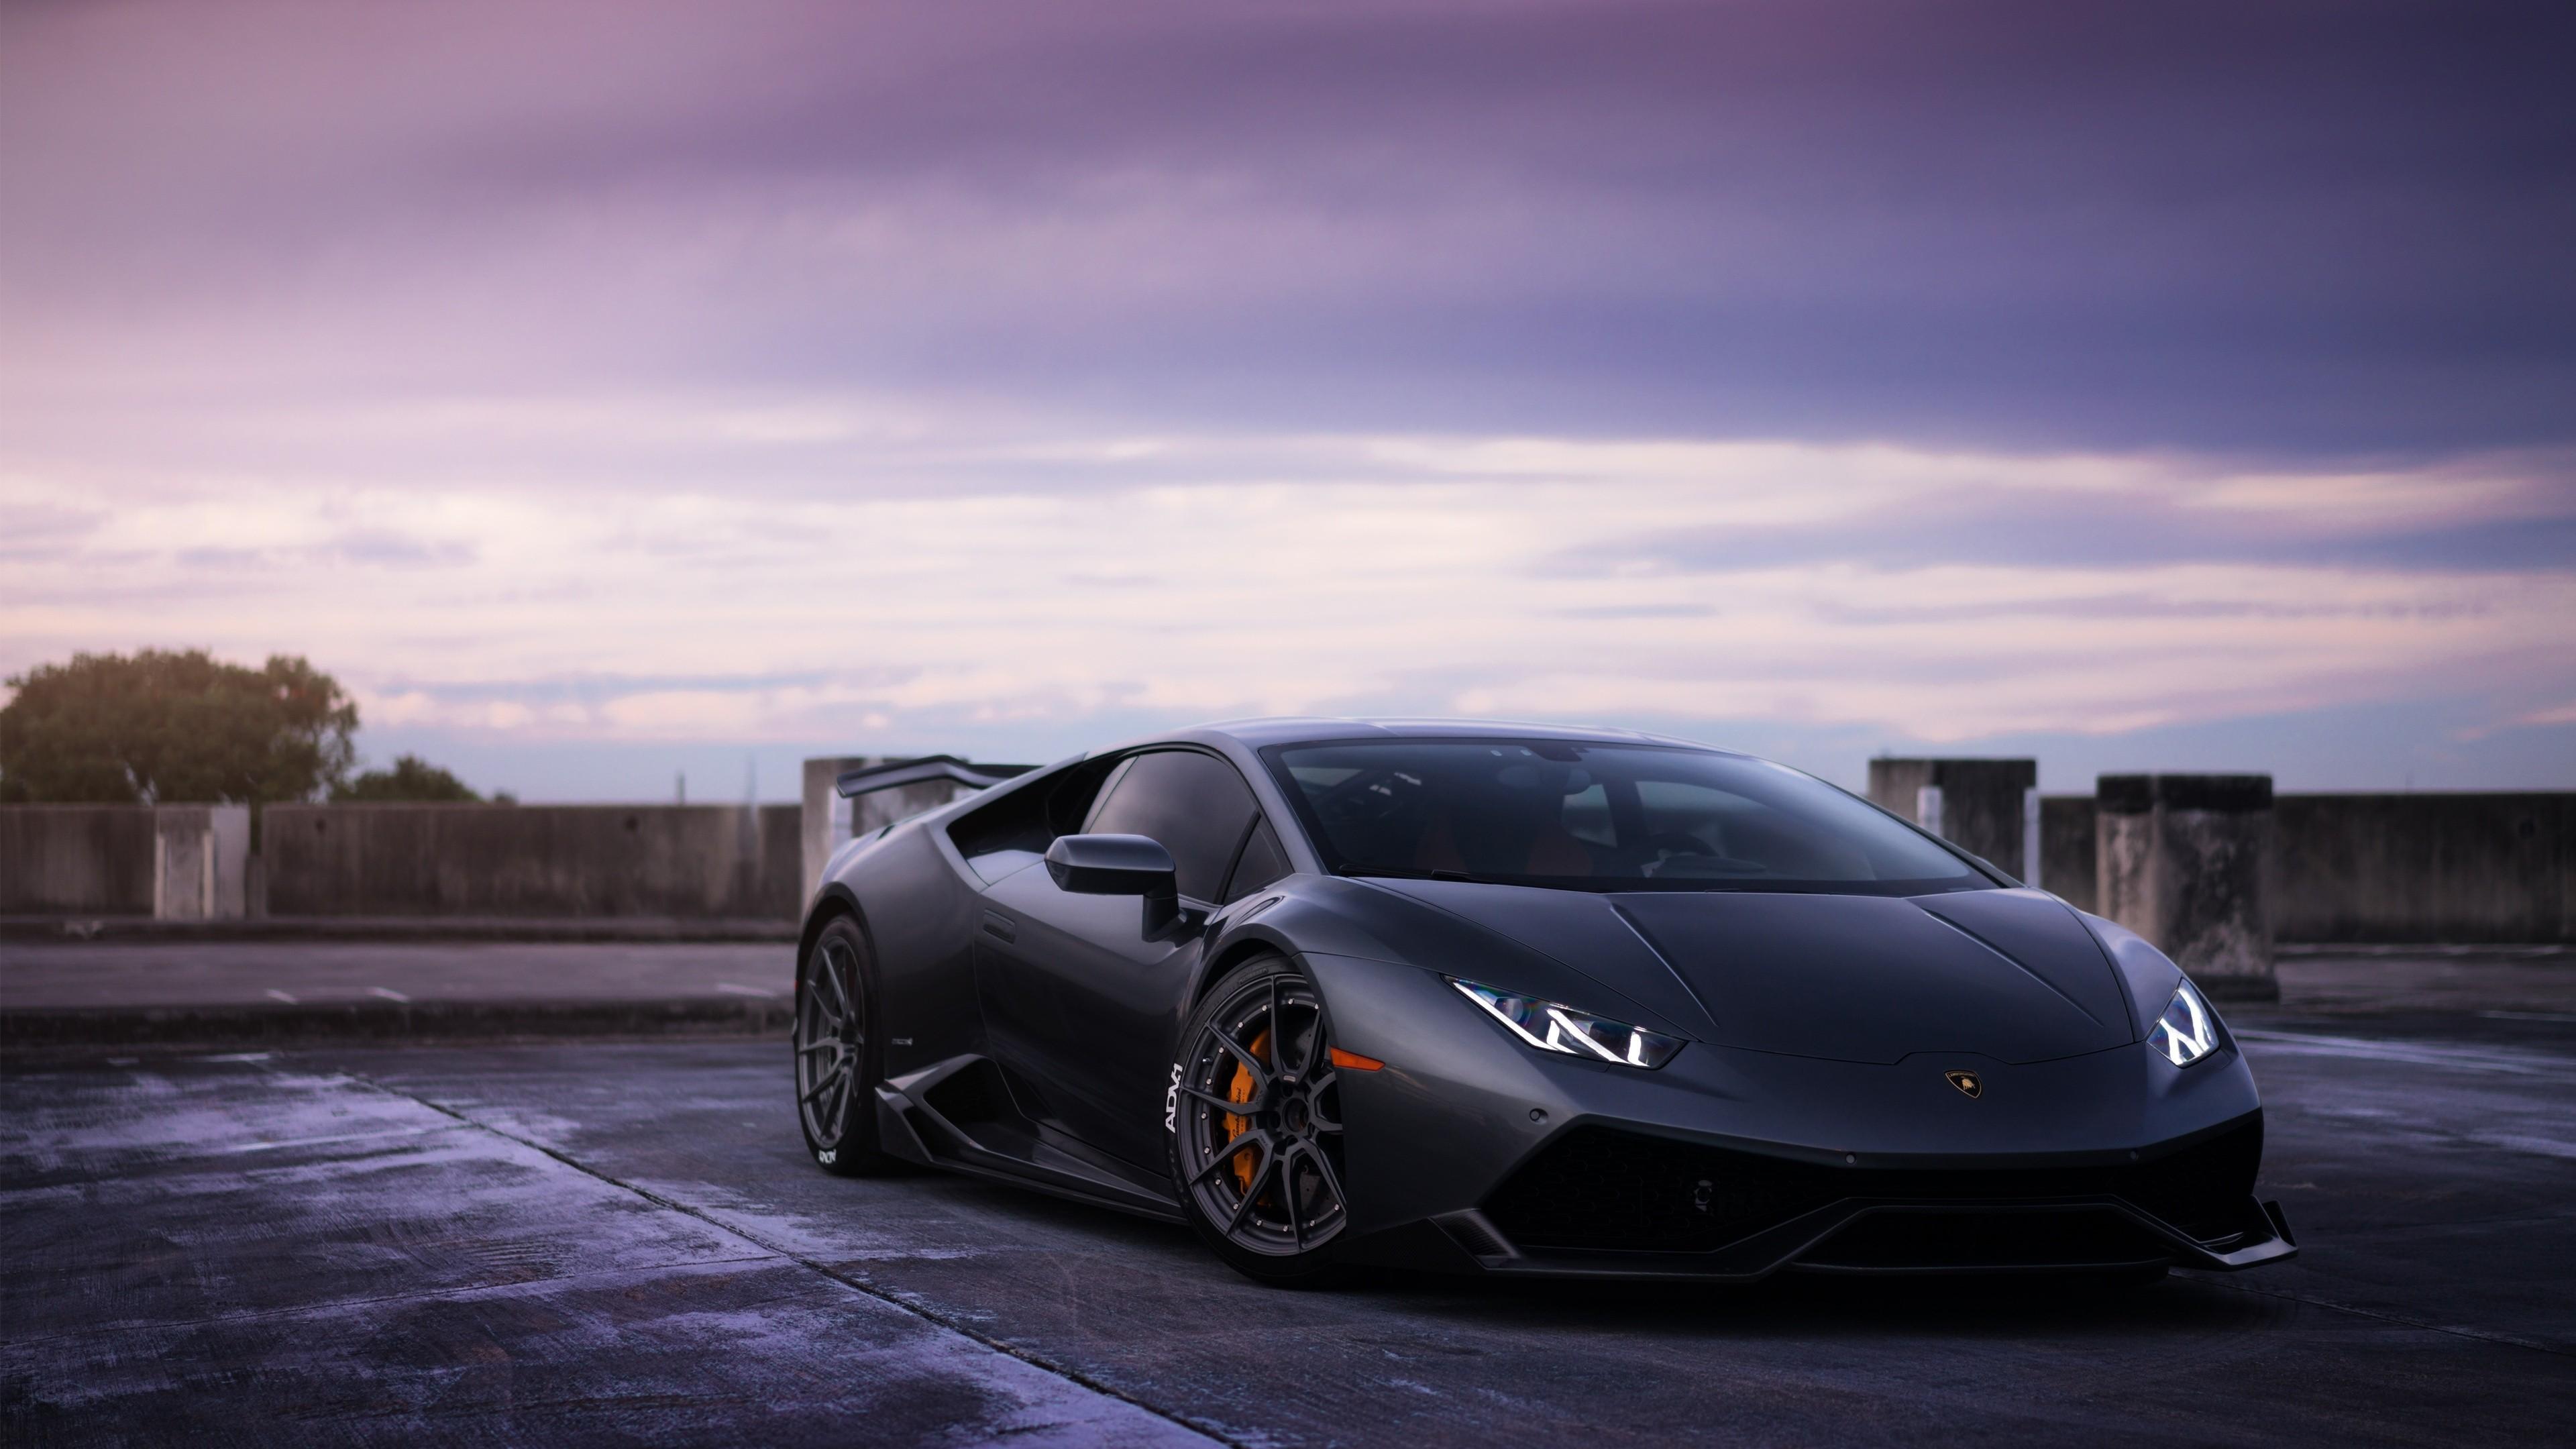 Lamborghini Huracan wallpaper ·① ① Download free cool full HD wallpapers for desktop computers